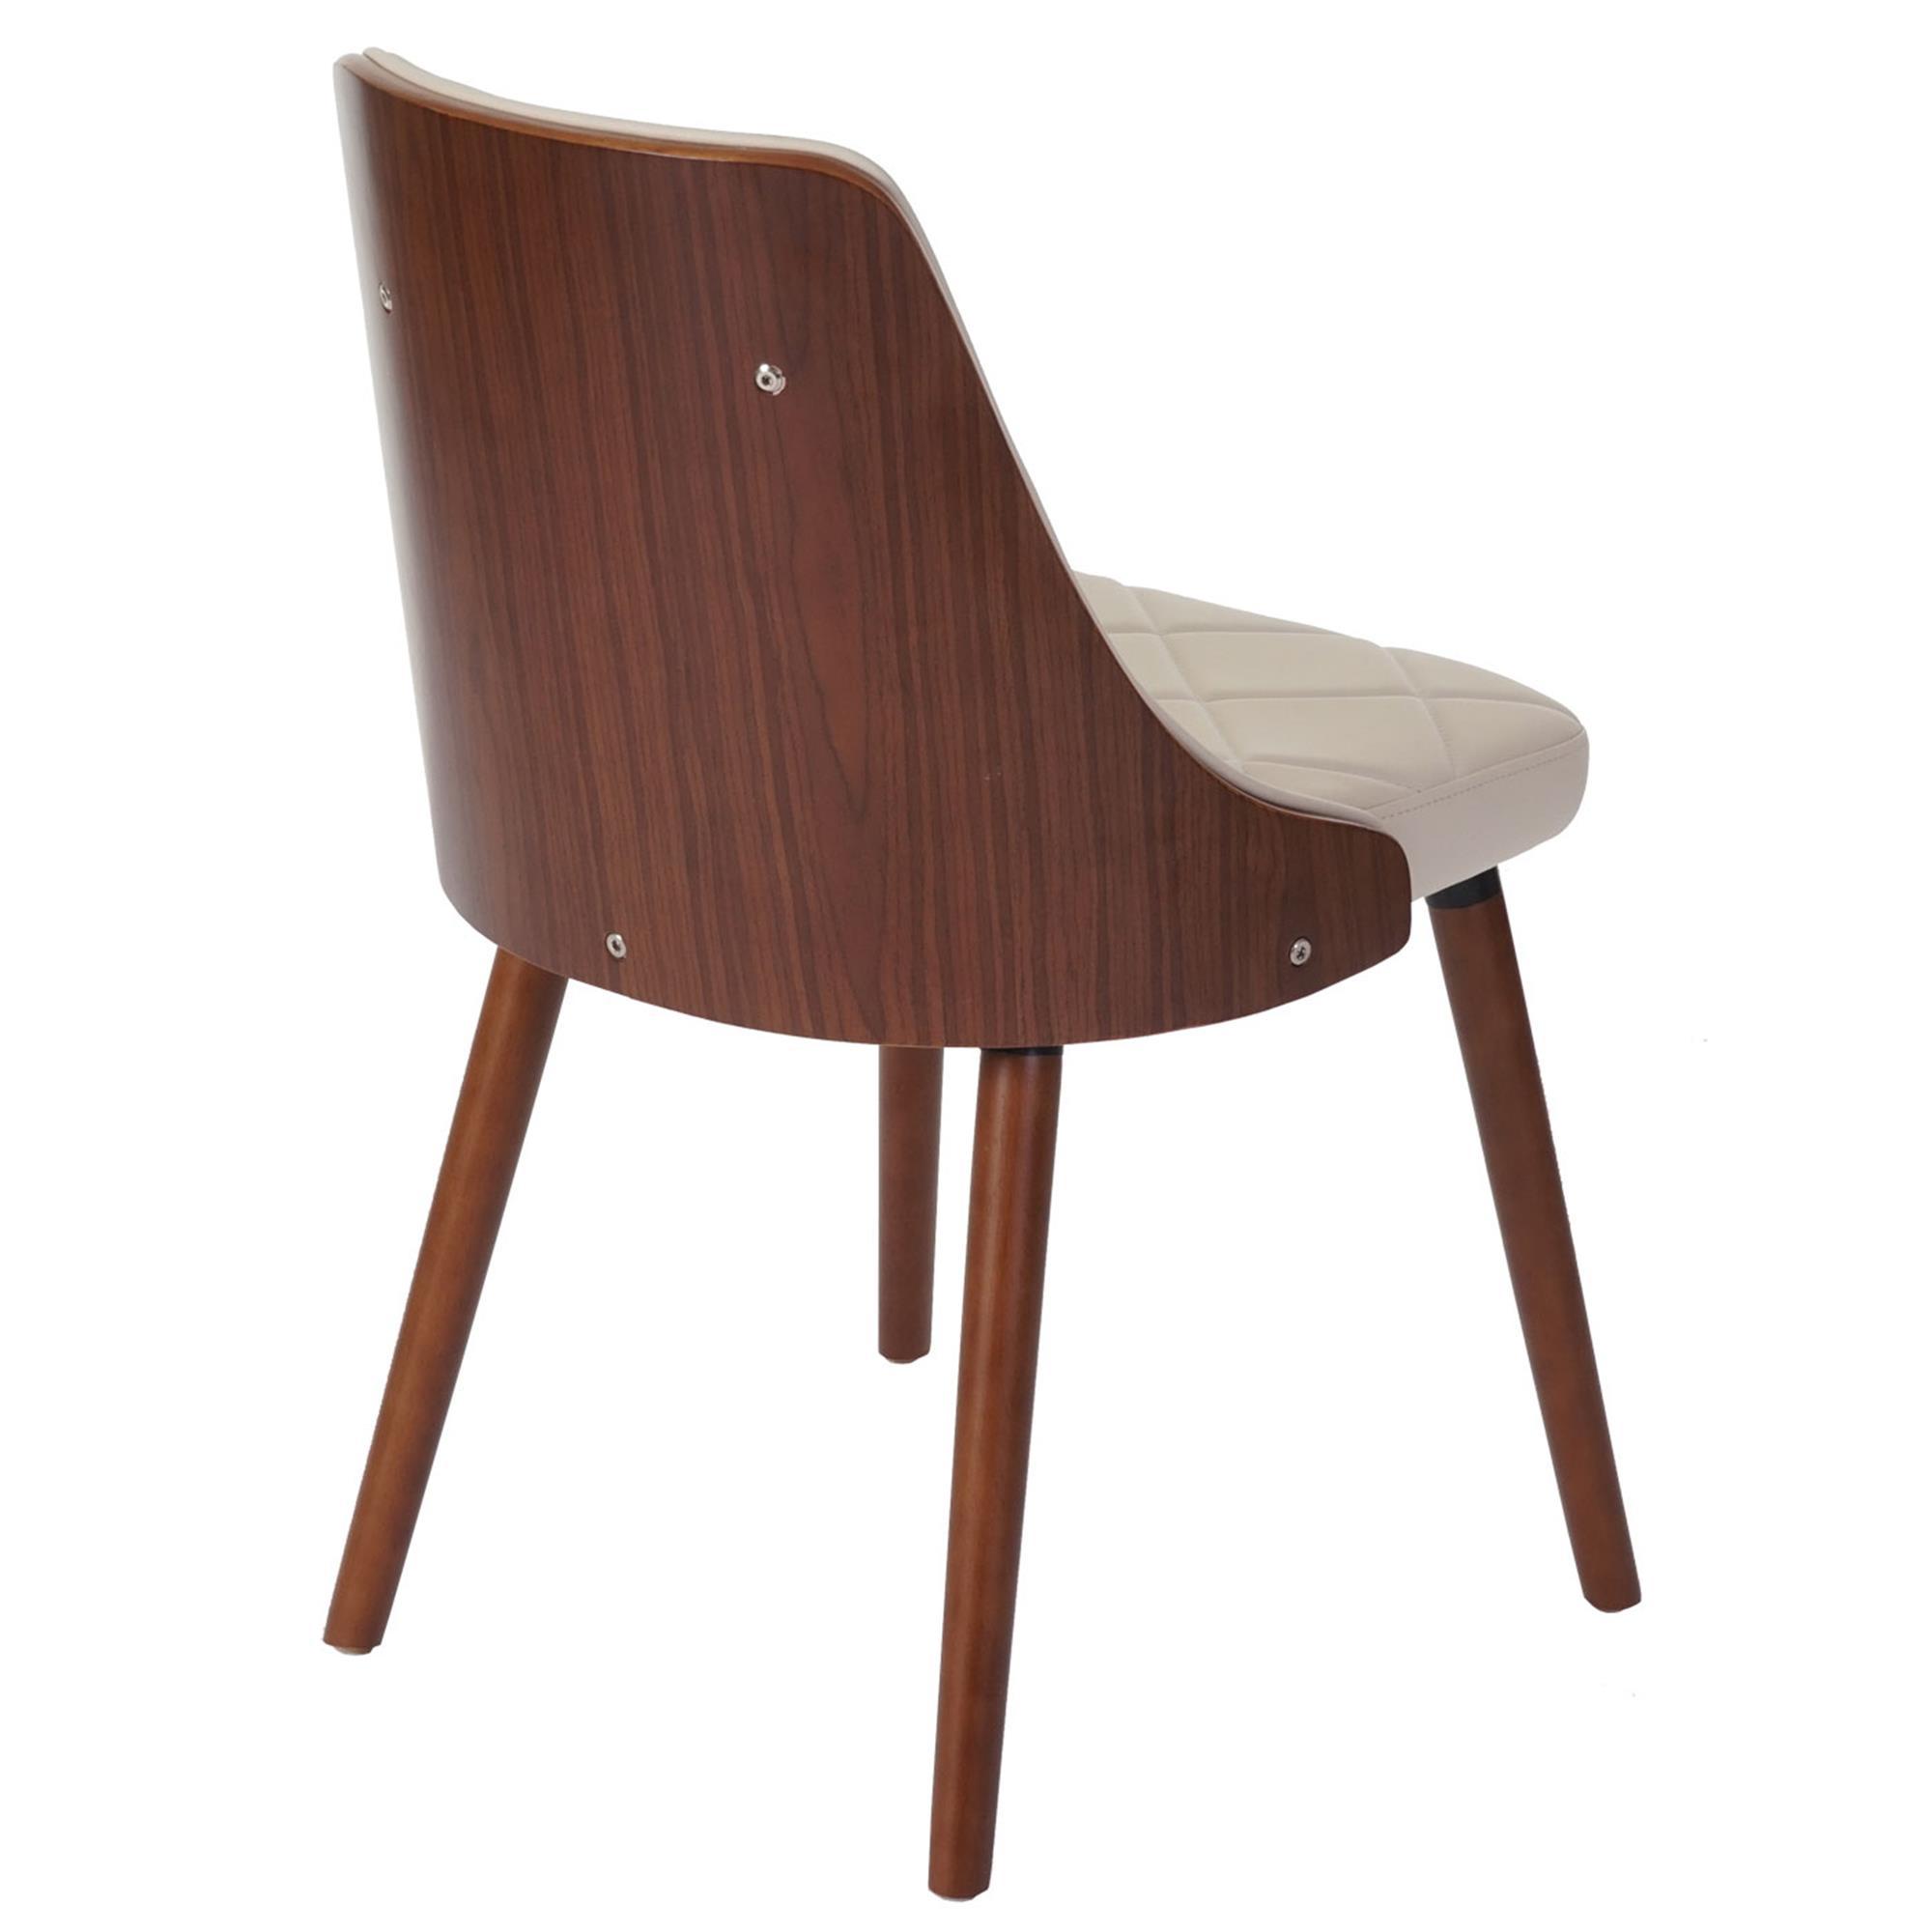 Lote 2 sillas de comedor baley en piel crema conjunto 2 for Sillas de piel para comedor